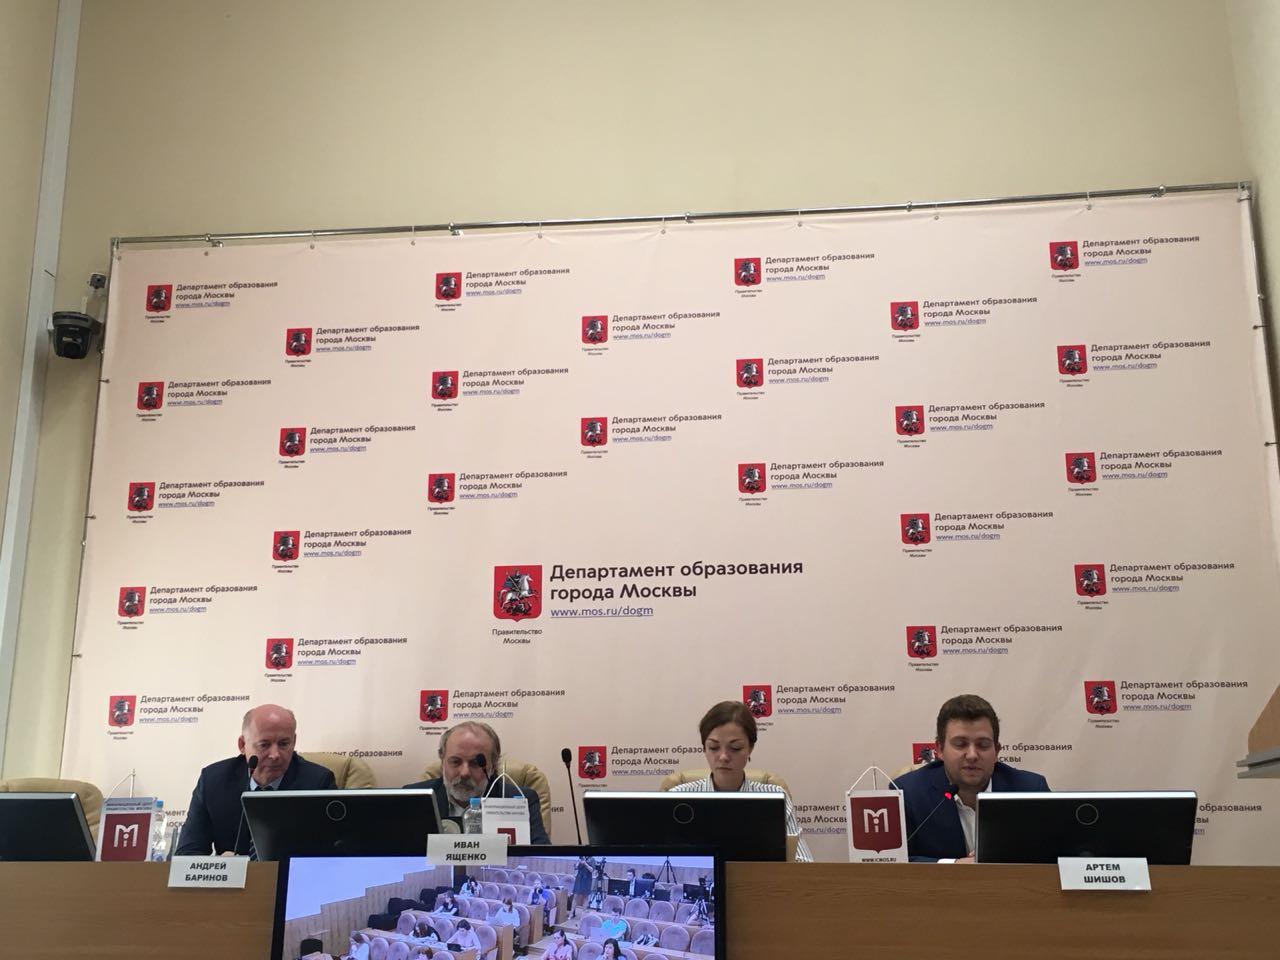 Всероссийскую олимпиаду школьников обсудили в Департаменте образования Москвы